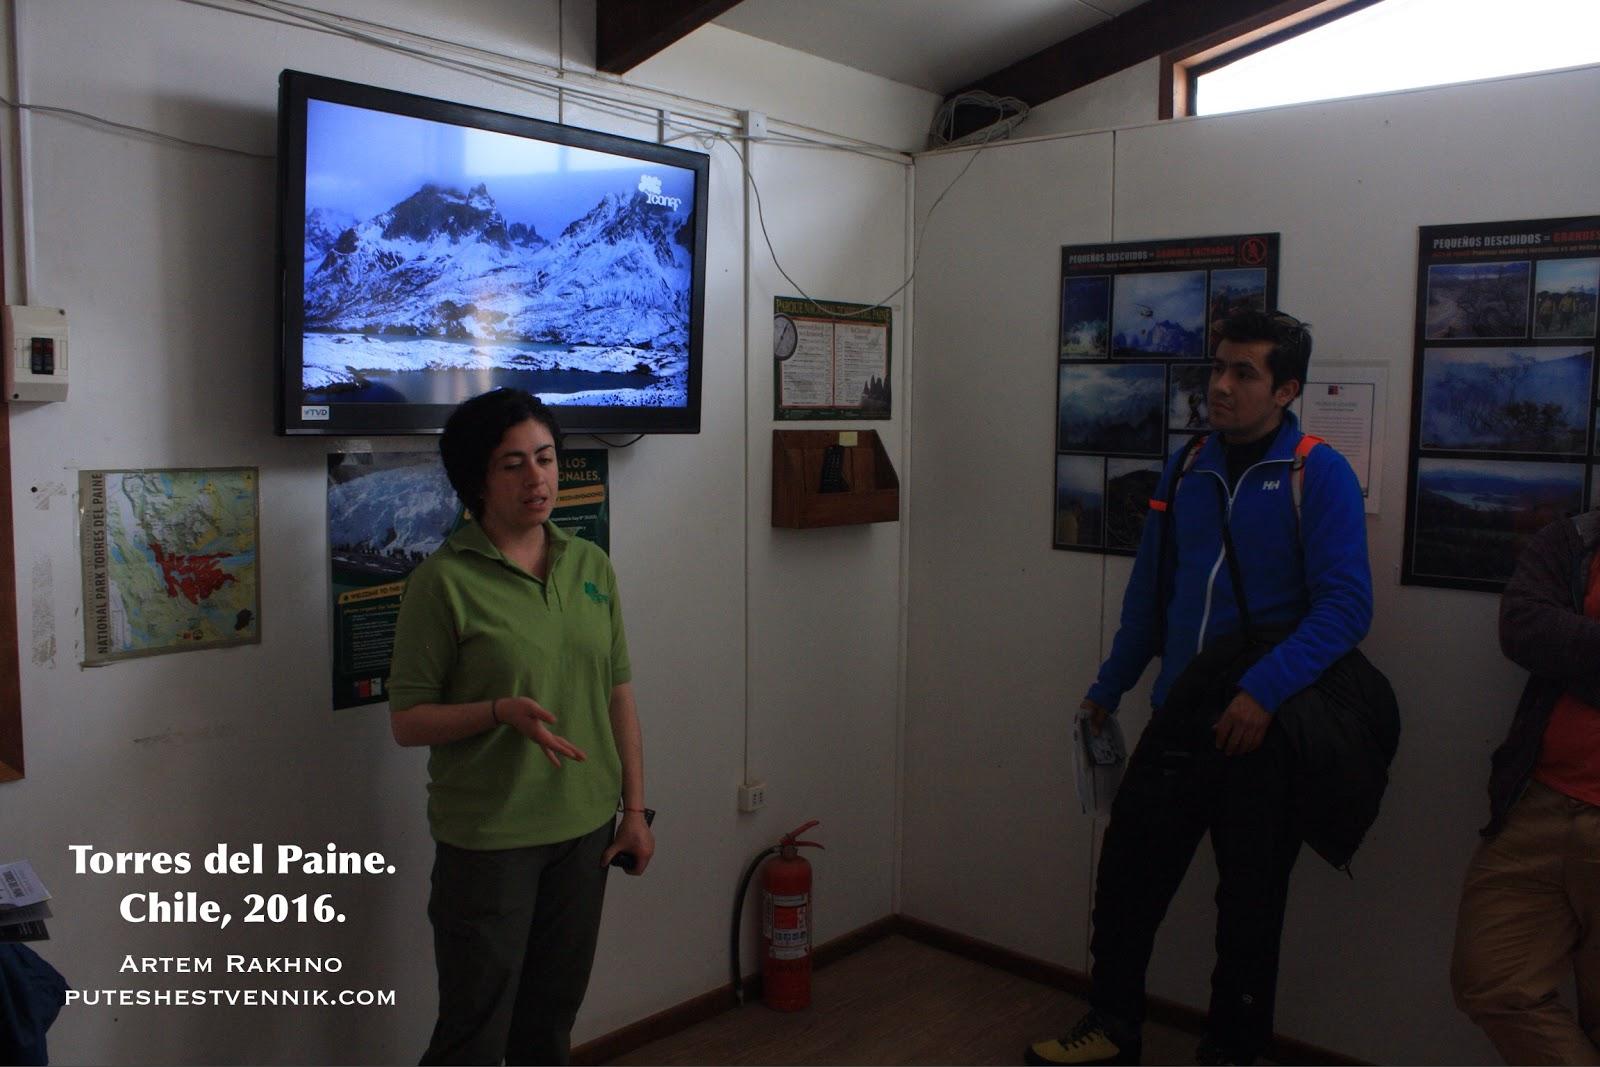 Рассказ о правилах поведения в Торрес-дель-Пайне